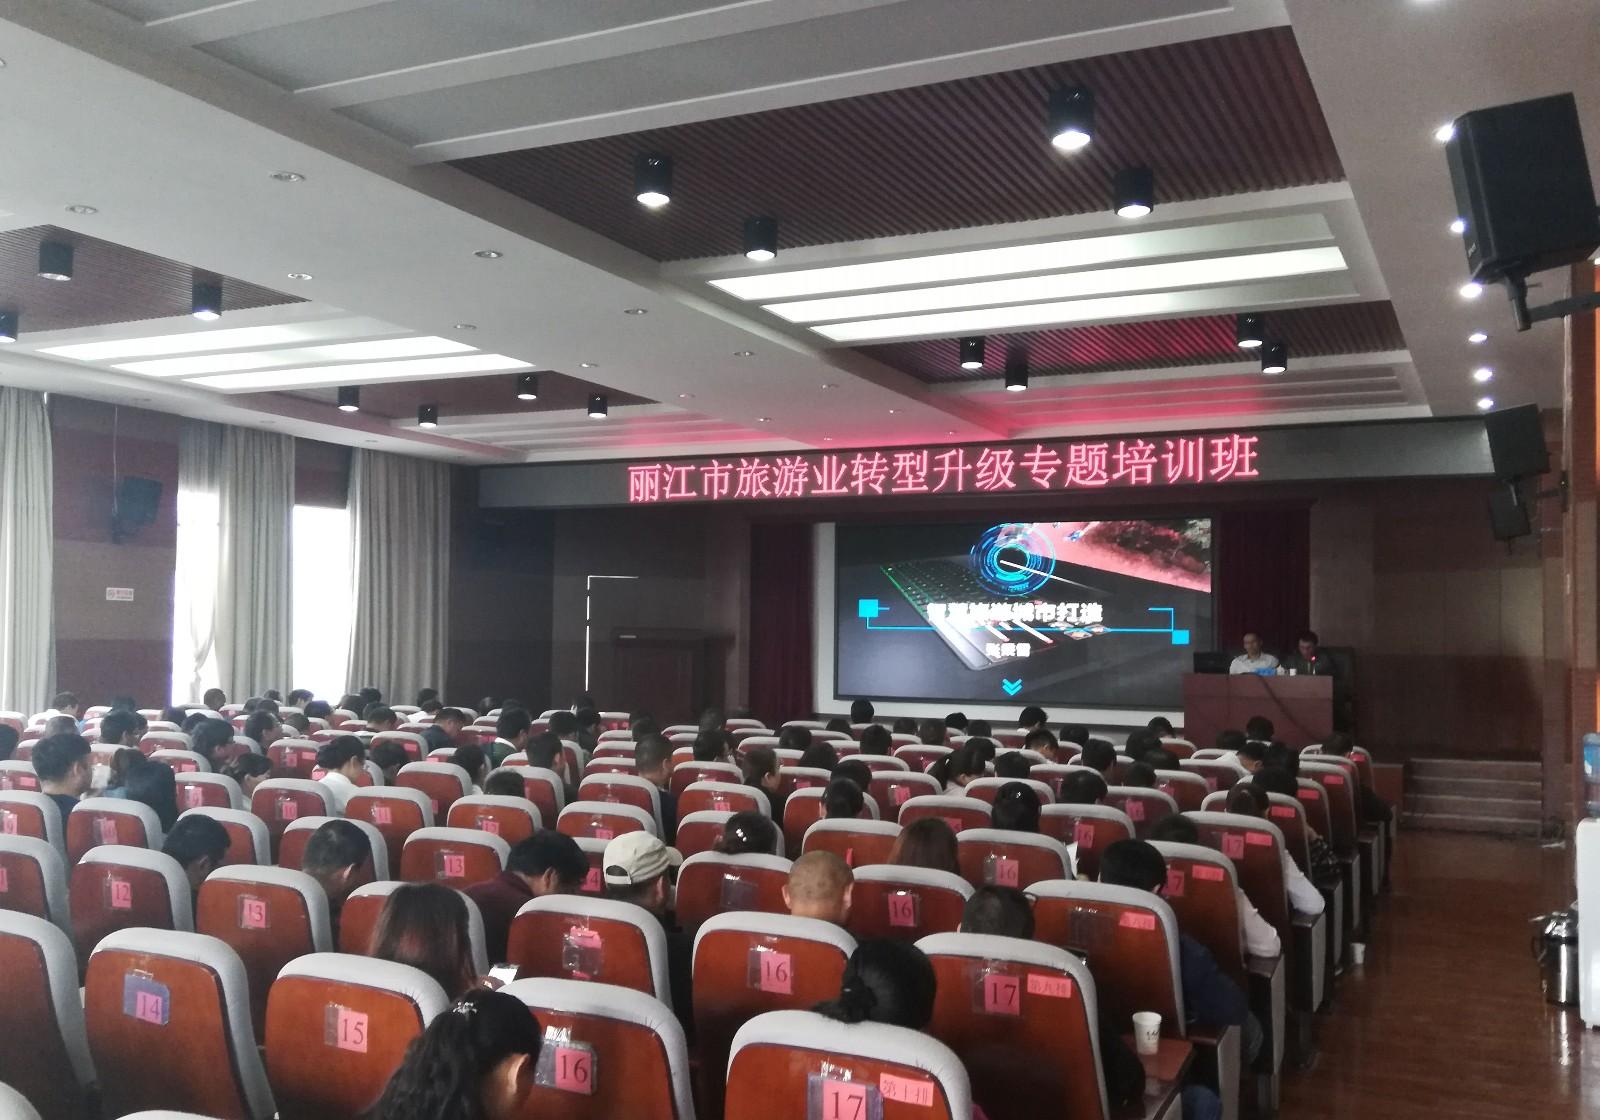 中智游受邀参加丽江市旅游业转型升级培训班并进行交流与分享